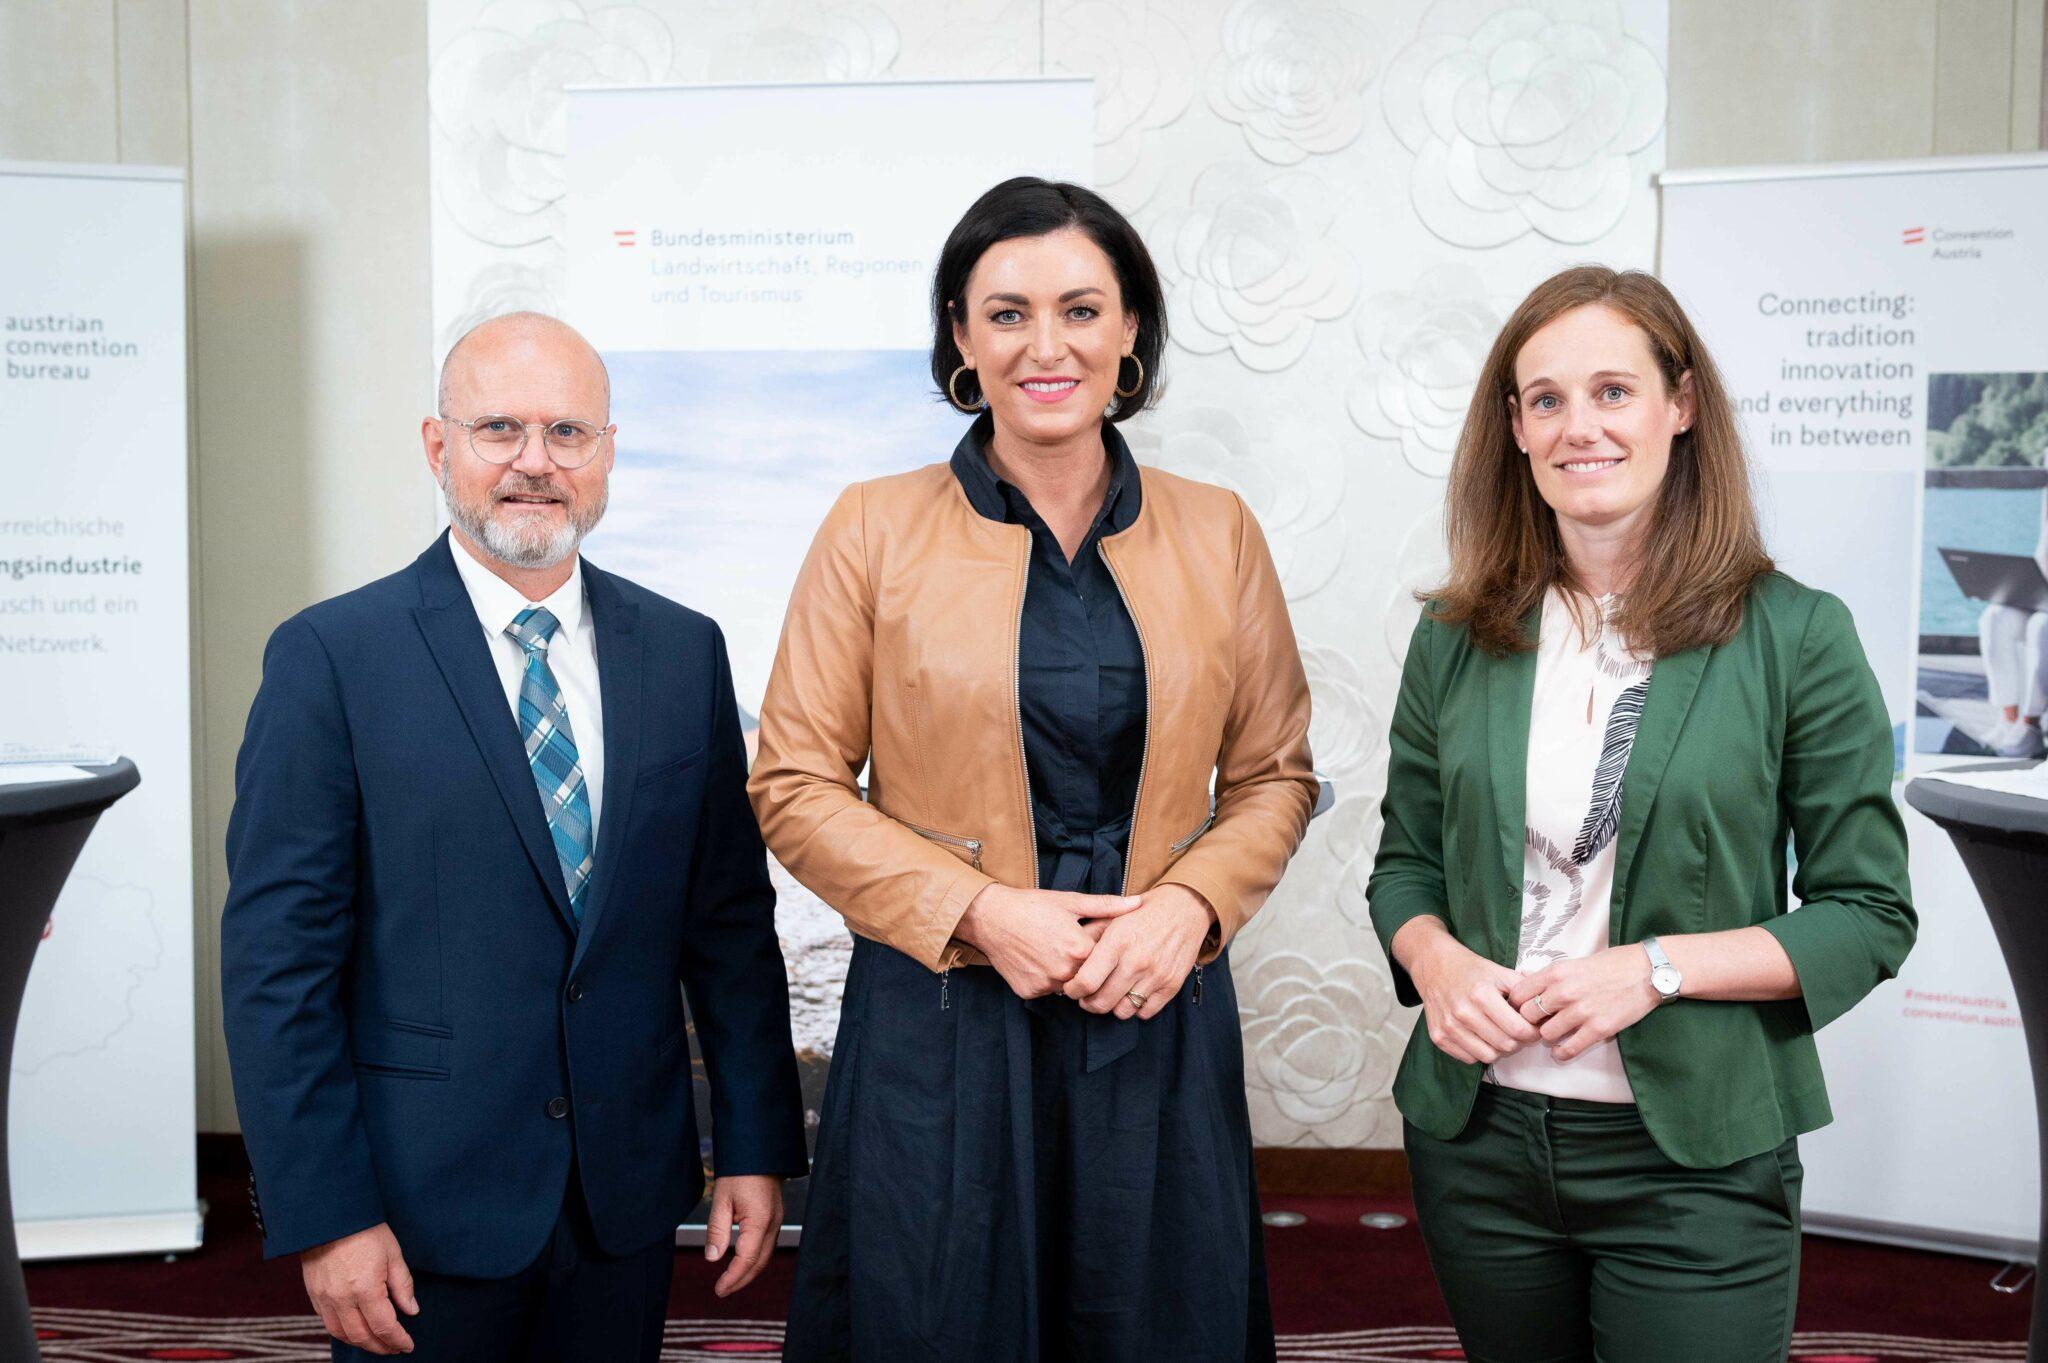 (v.l.n.r.): Gerhard Stübe, Elisabeth Köstinger und Lisa Weddig